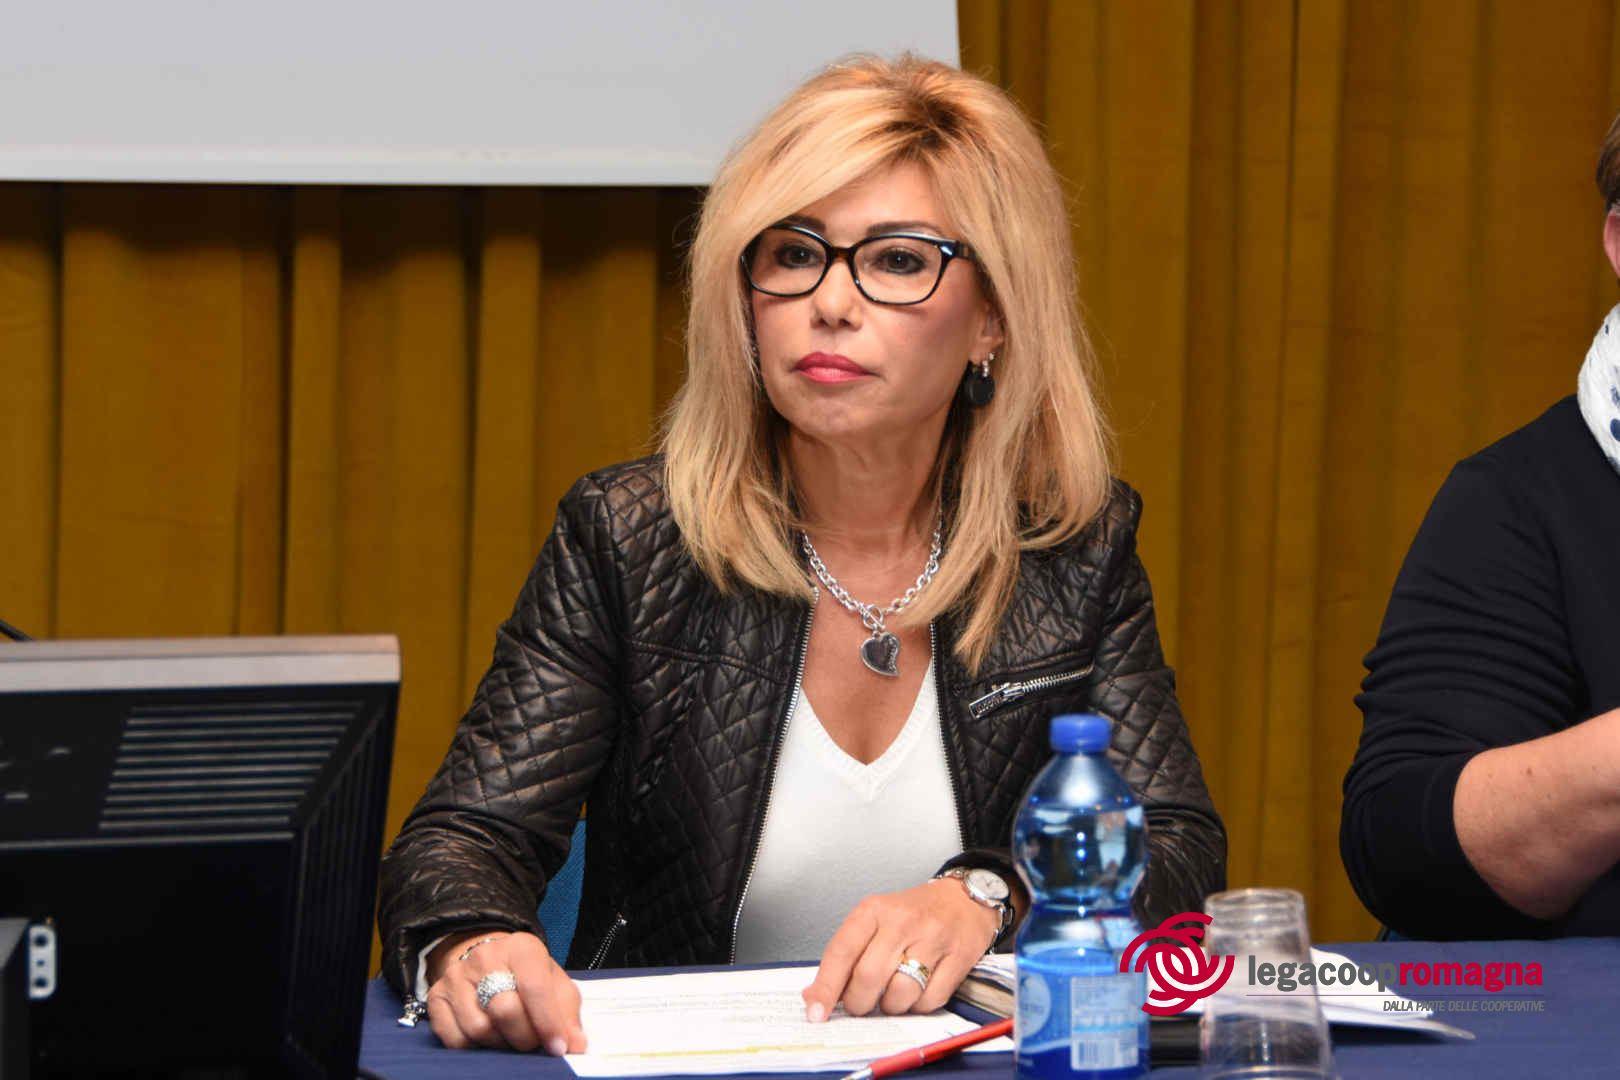 CAD investe 3 milioni di euro in un nuovo centro per anziani a Forlì